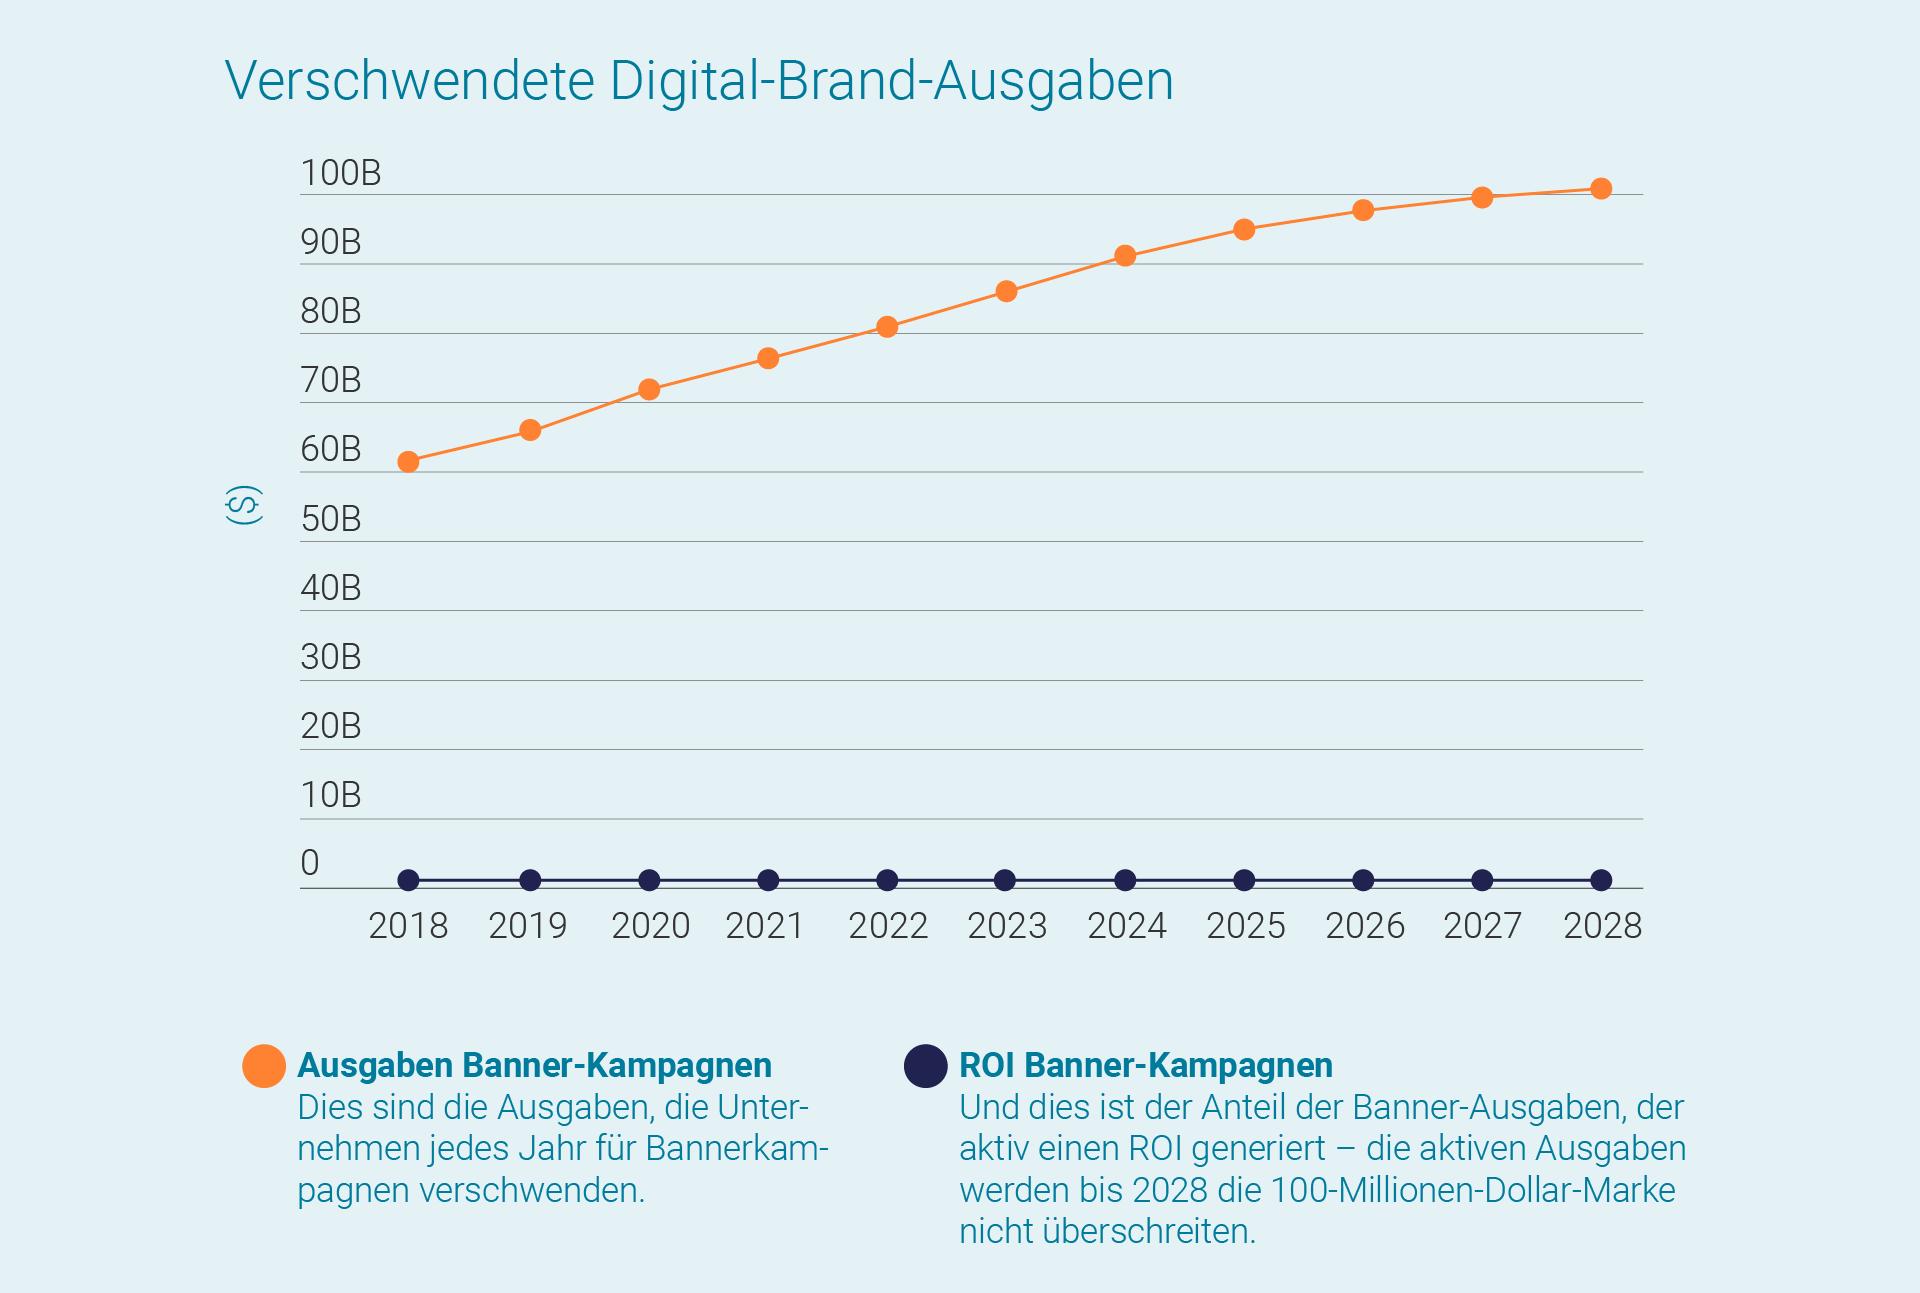 LINK Mobility - Statistik über verschwendete Digital-Brand-Ausgaben durch Banner-Kampagnen